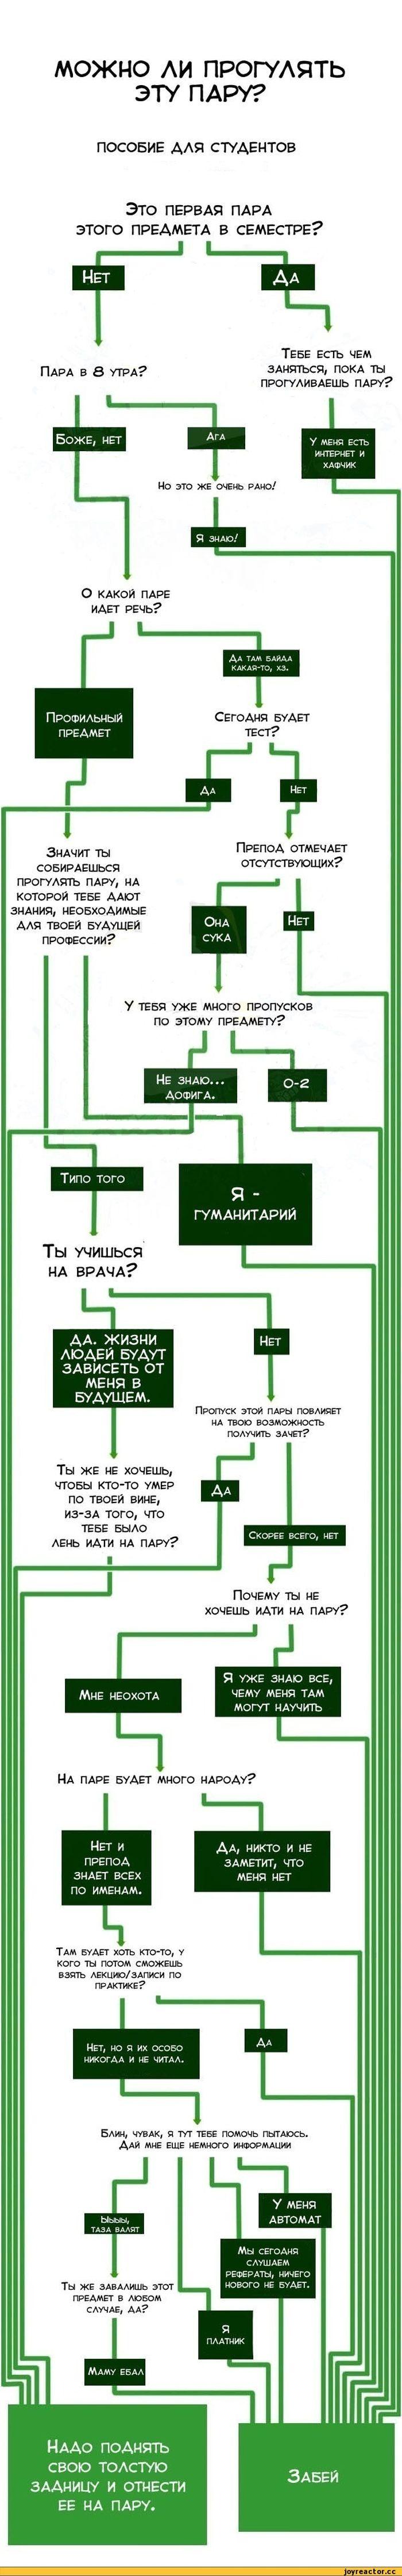 Основное руководство для студентов (1 картинка)